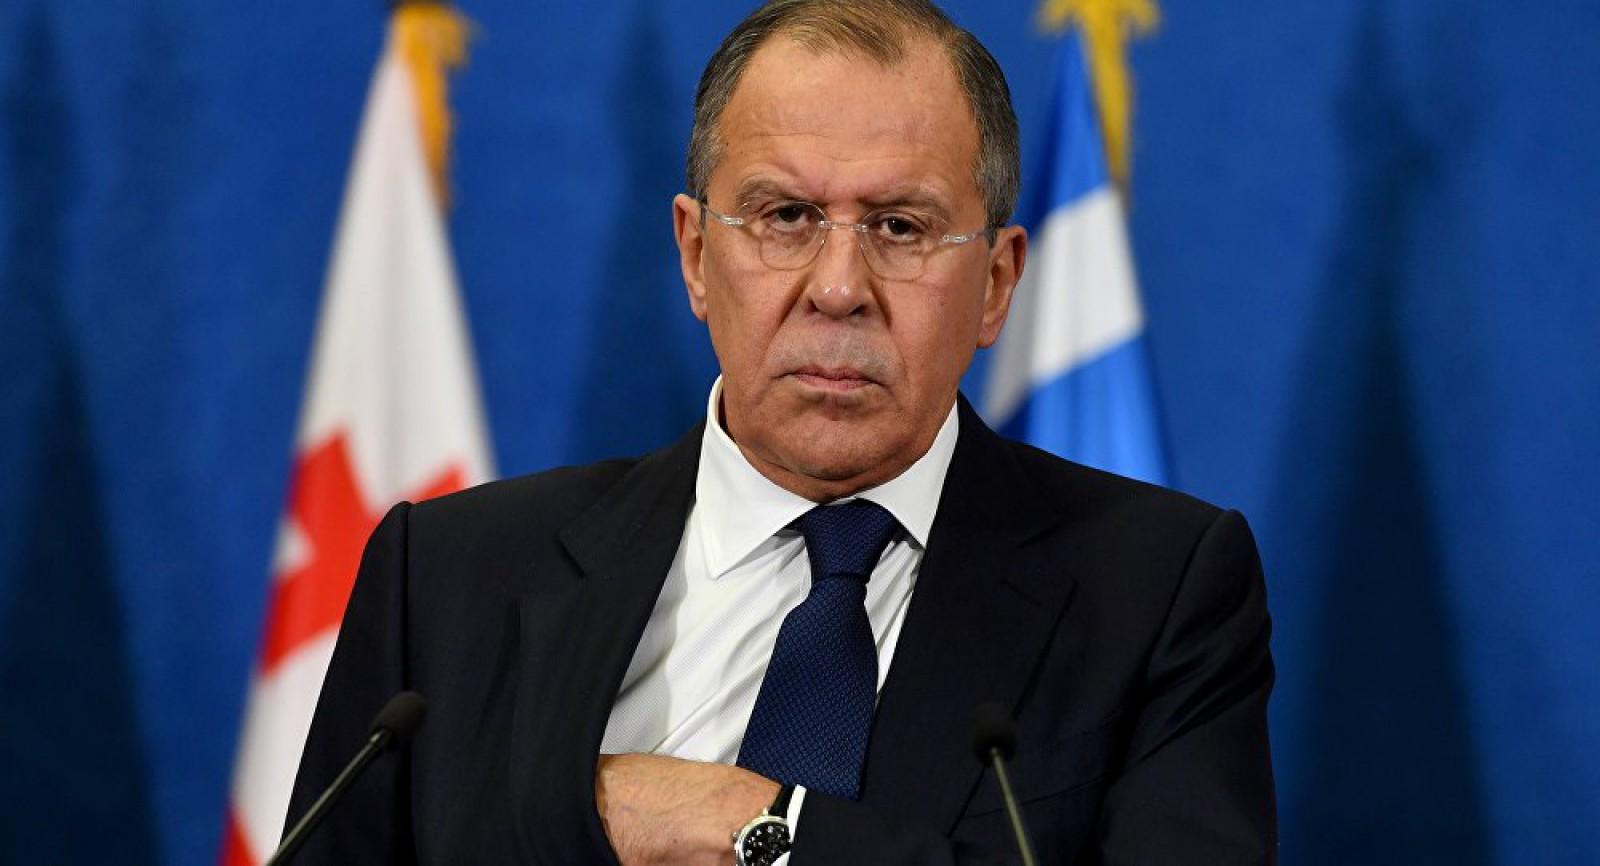 Miniştrii de Externe ai Rusiei şi Ucrainei vor discuta la Berlin despre rezolvarea crizei ucrainene